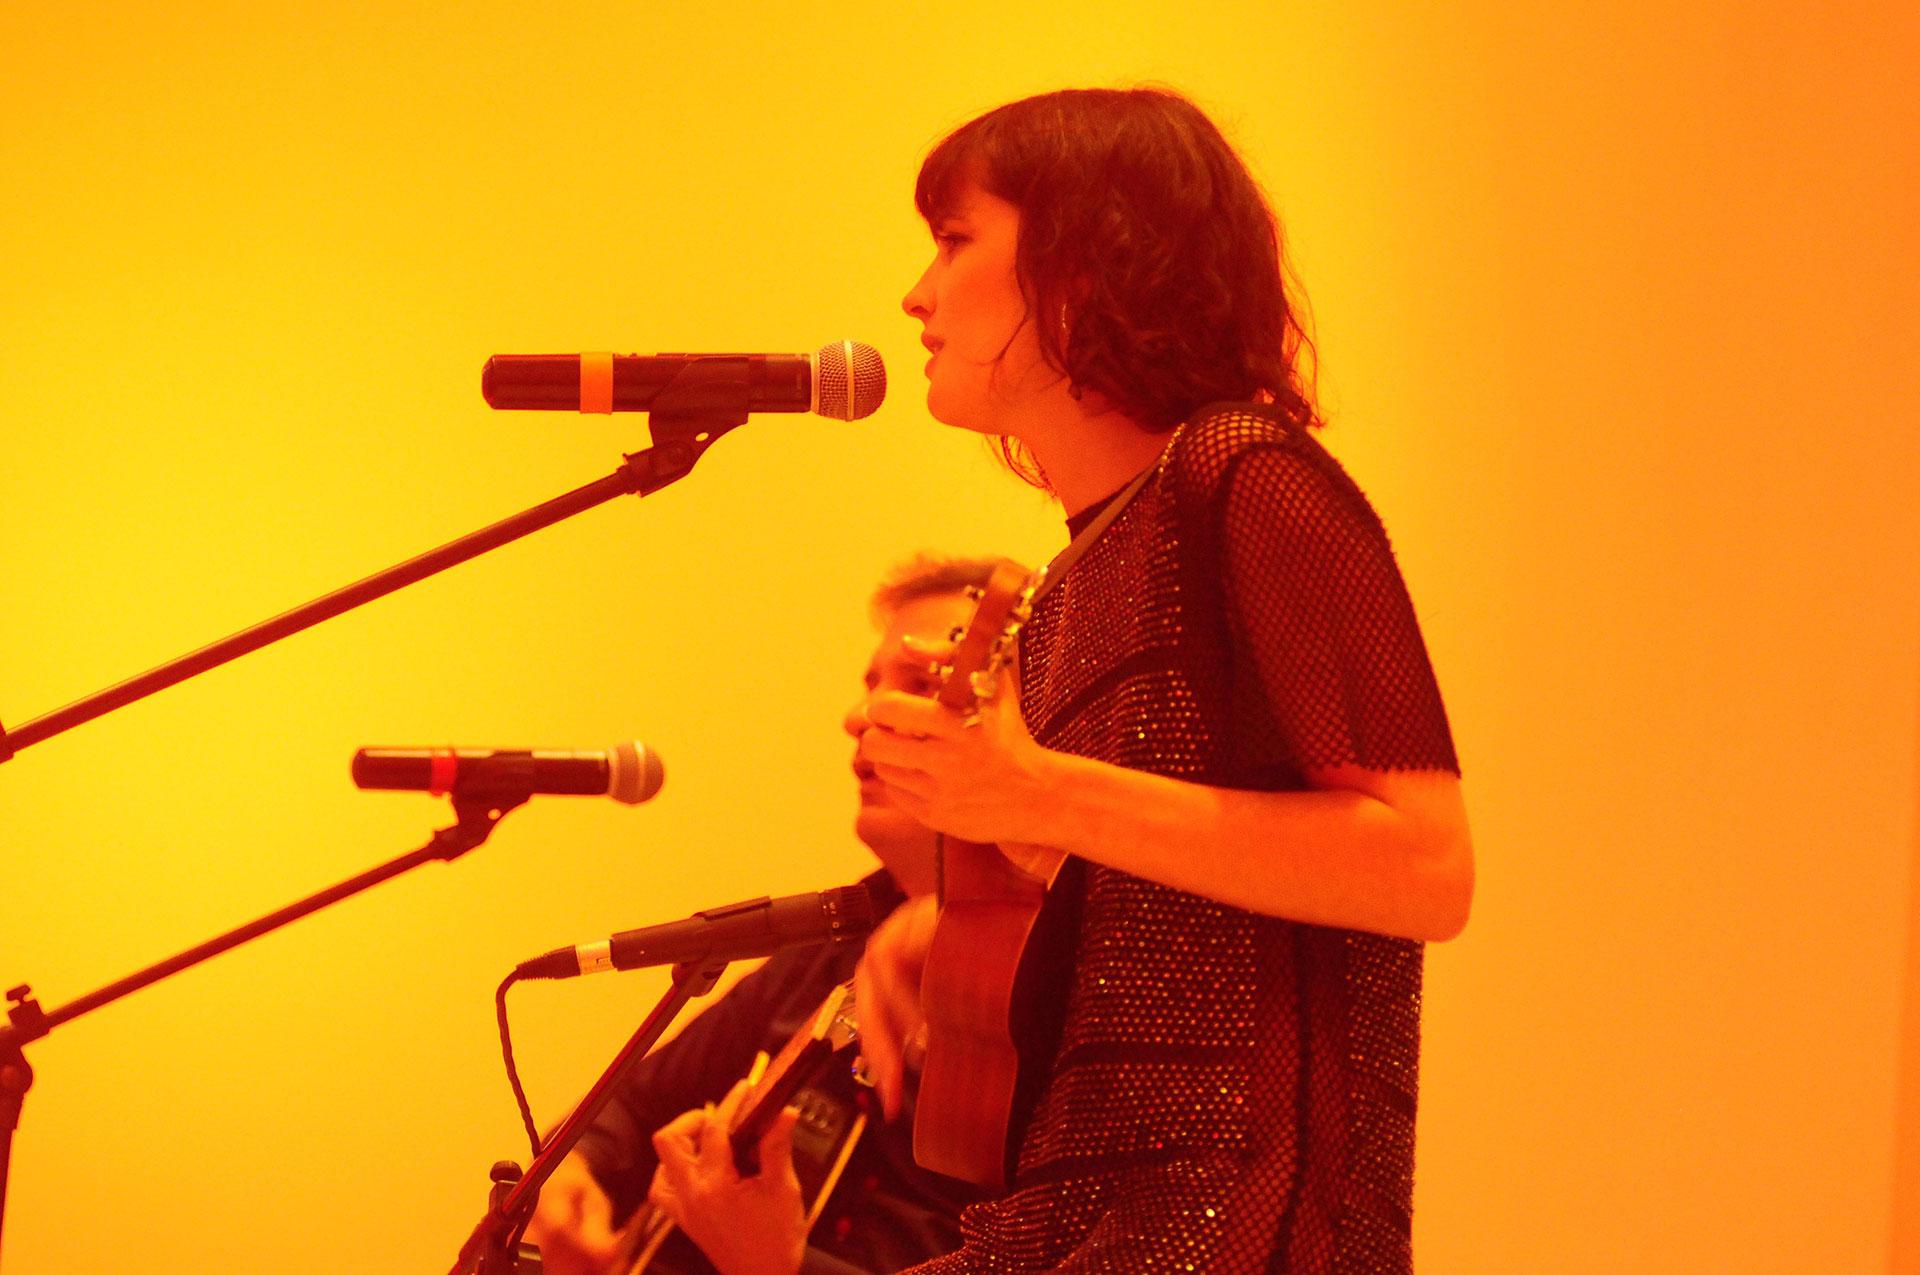 """Florencia Torrente brindó un show donde deslumbró con su dulce voz y su ukelele. Interpretó temas de Amy Winehouse, Johnny Cash y, también, algunos de su autoría que fueron los más aplaudidos como: """"Adiós"""" , """"Color del tiempo"""" y """"Quizás soy yo"""""""